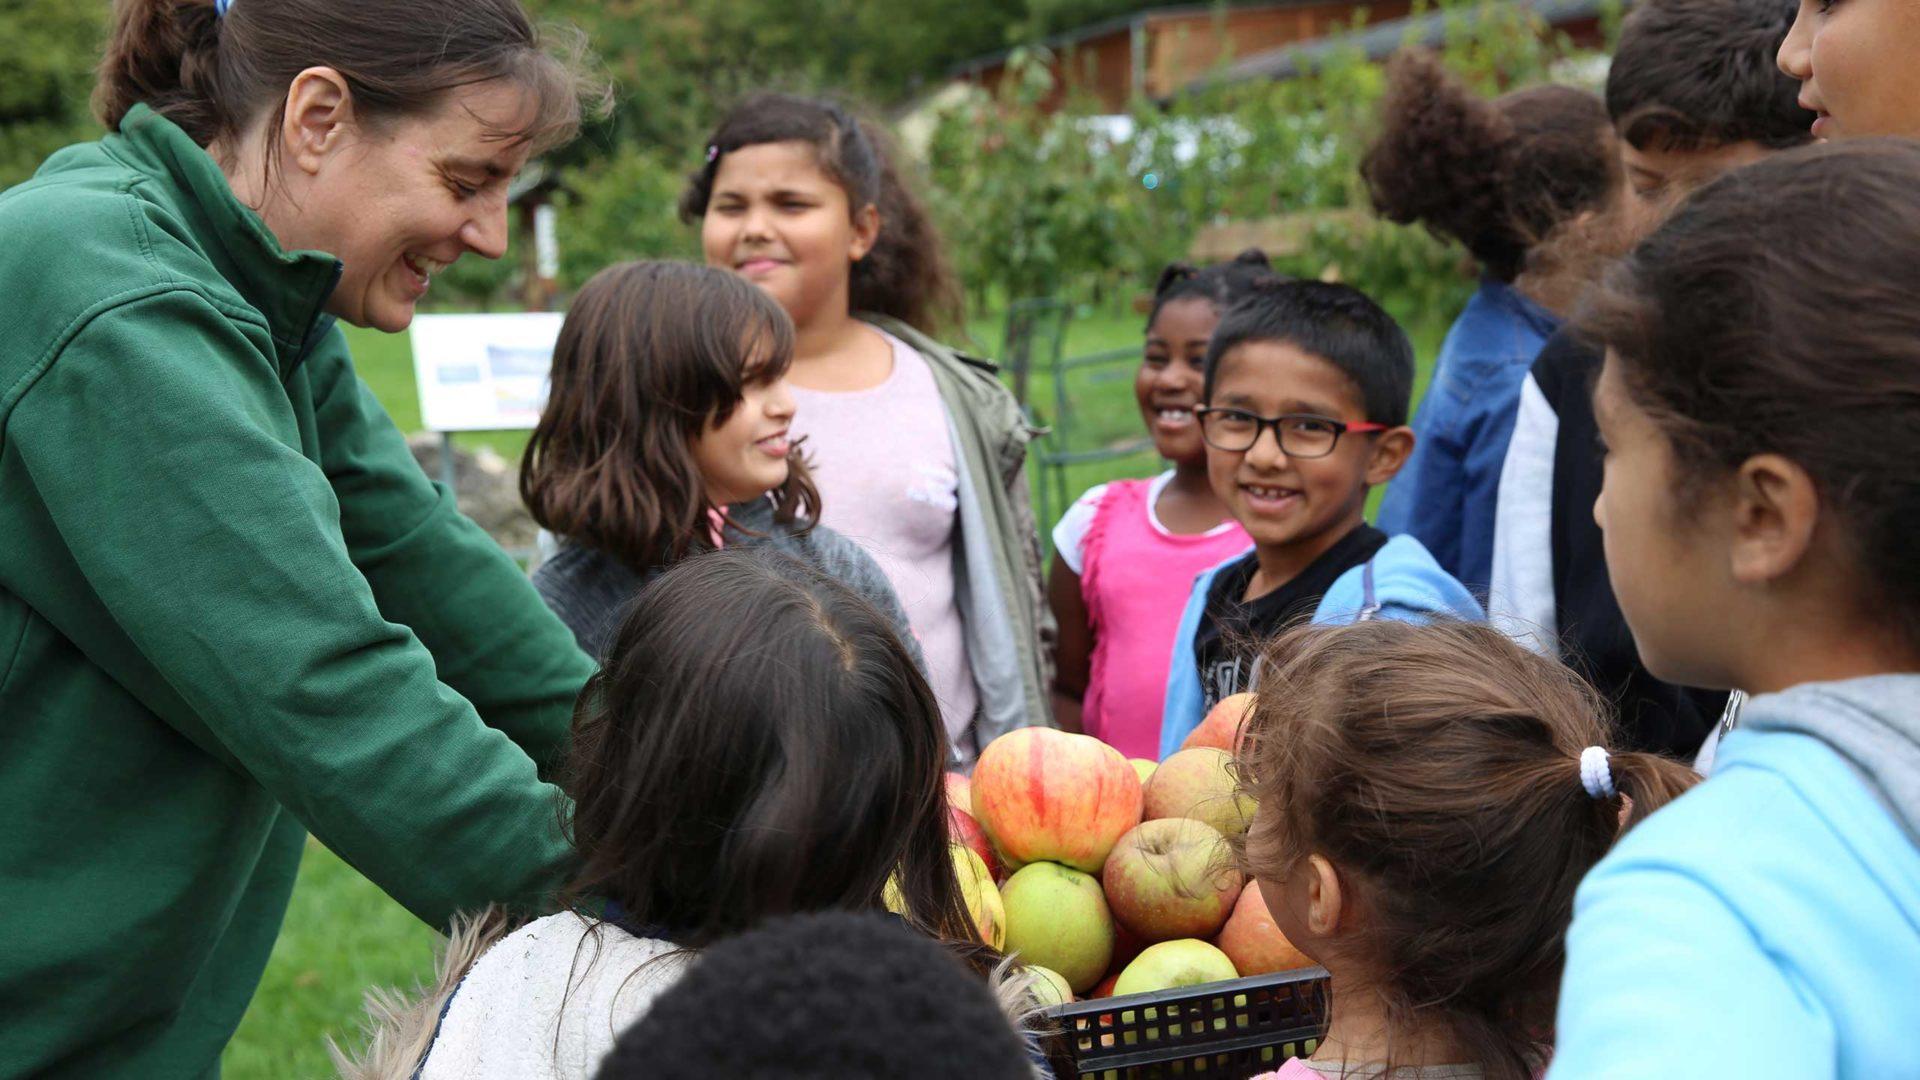 Bei der MILK. Mahlzeit Aktion werden die gesammelten Äpfel bestaunt.